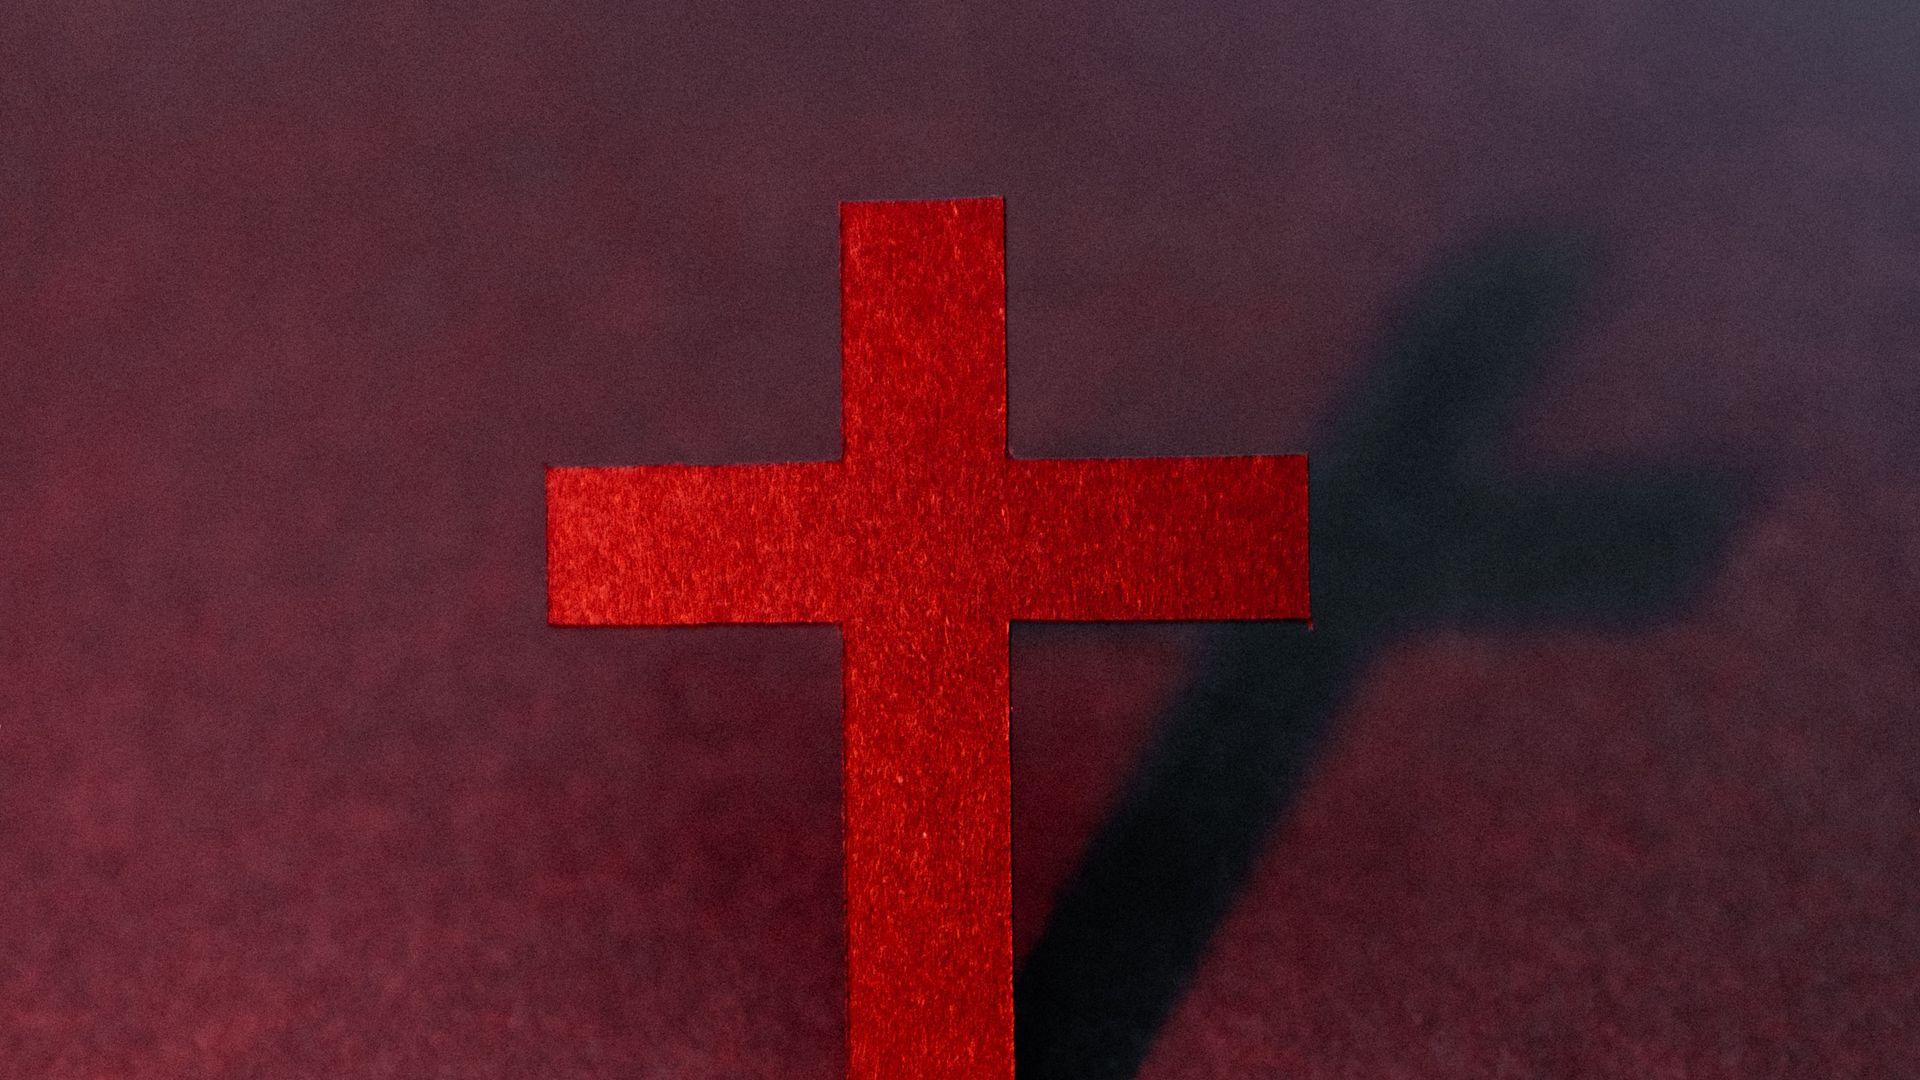 1920x1080 Wallpaper cross, religion, god, red